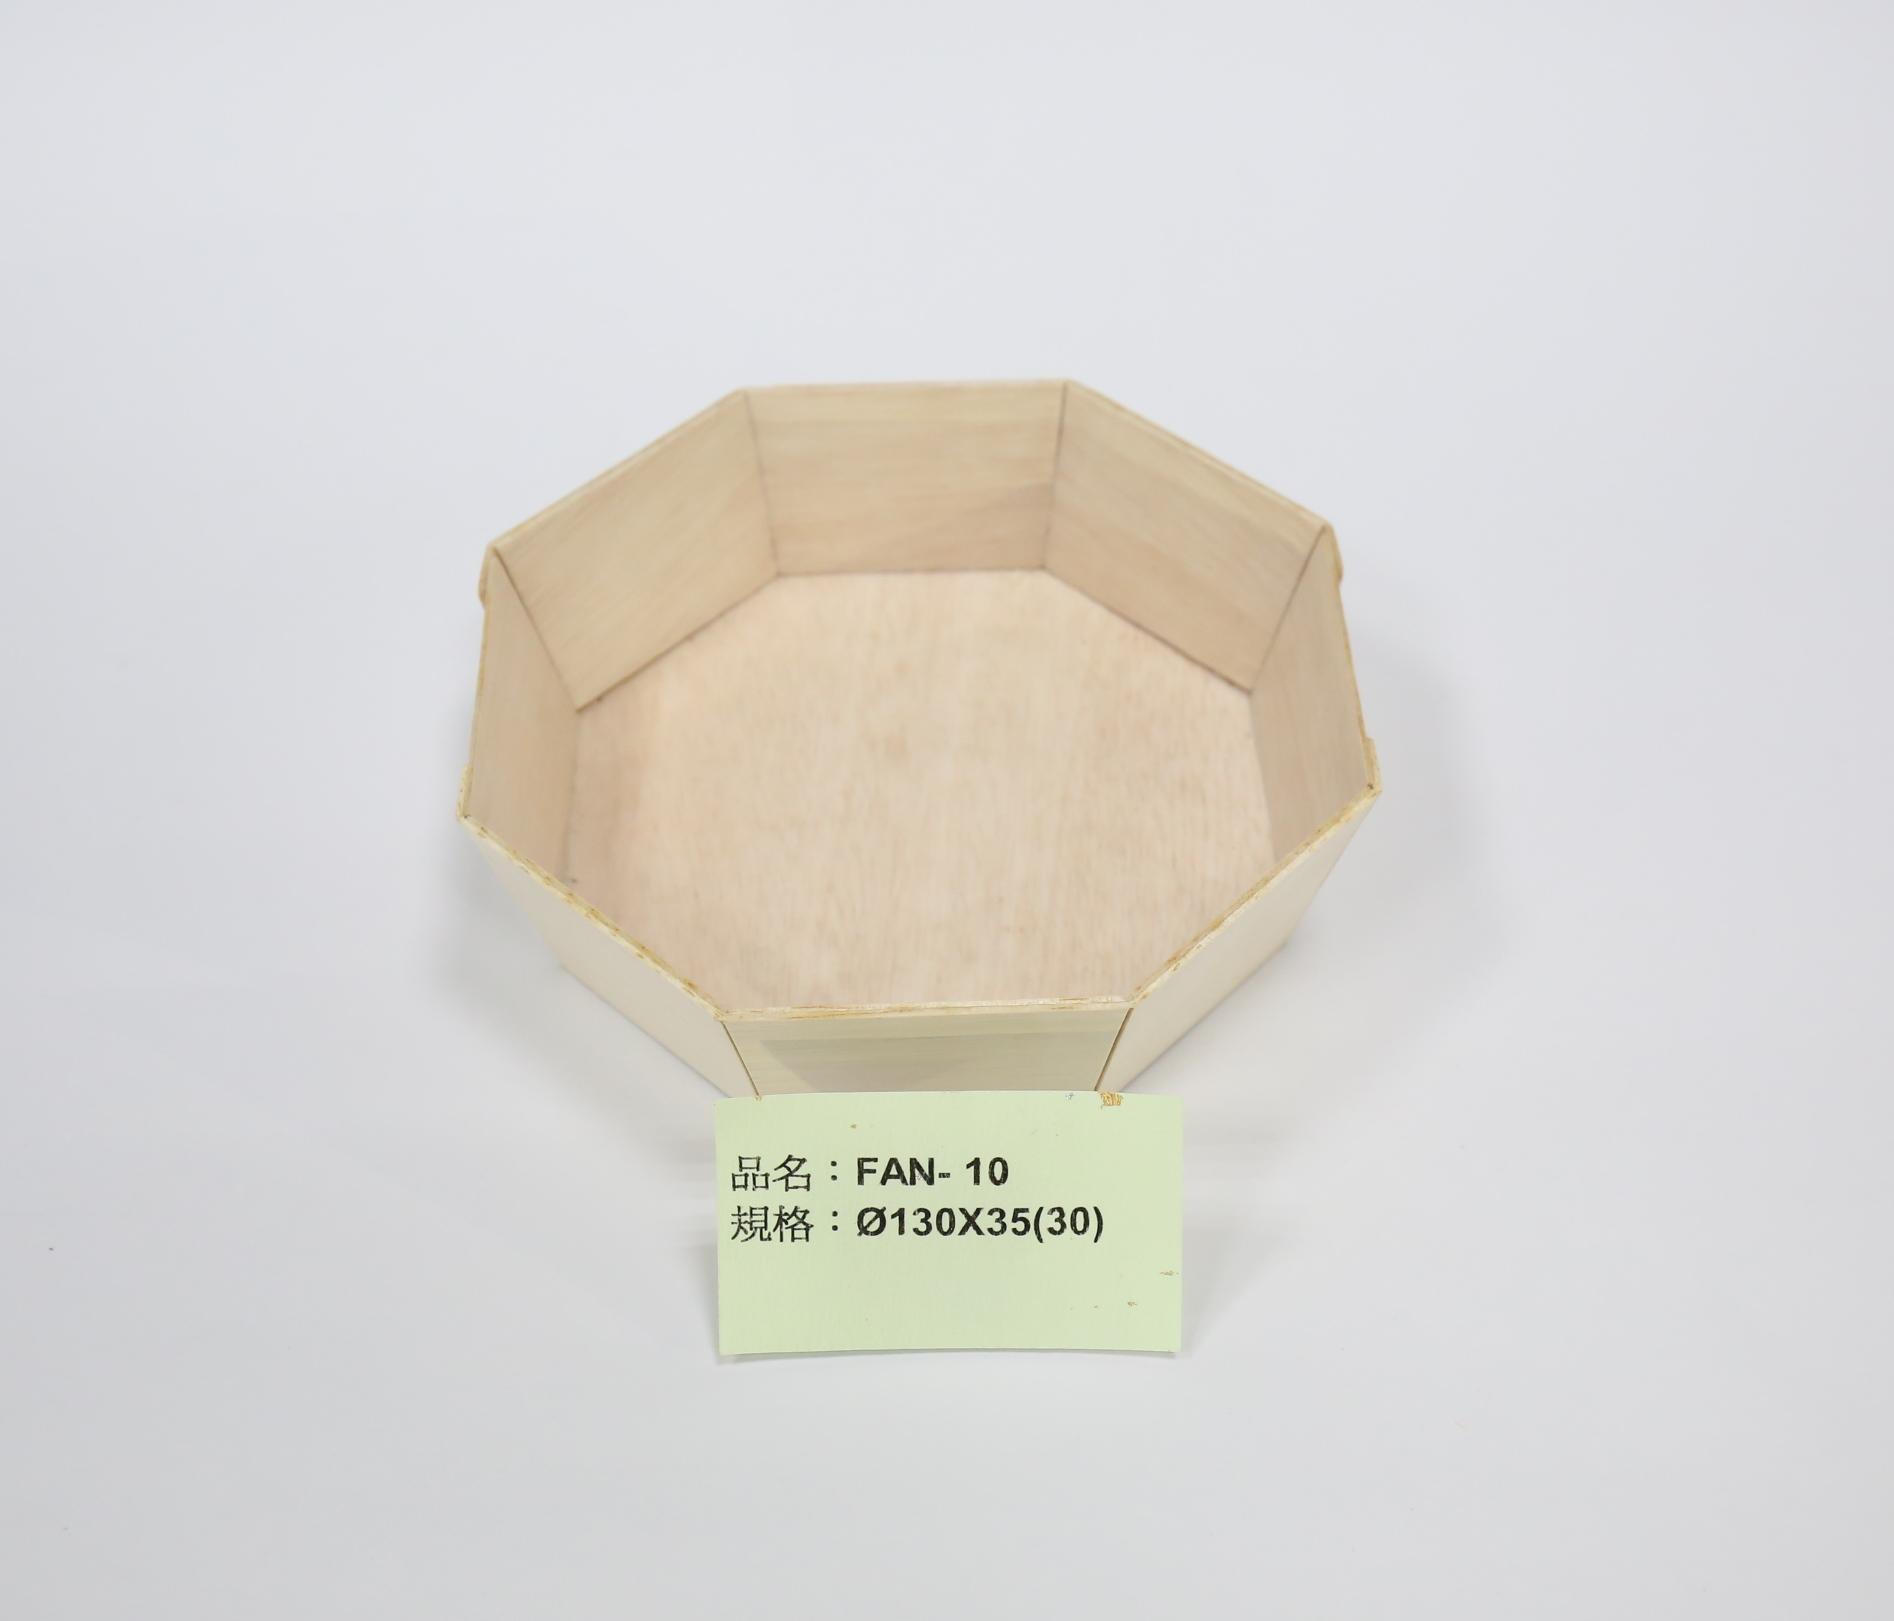 FAN-10